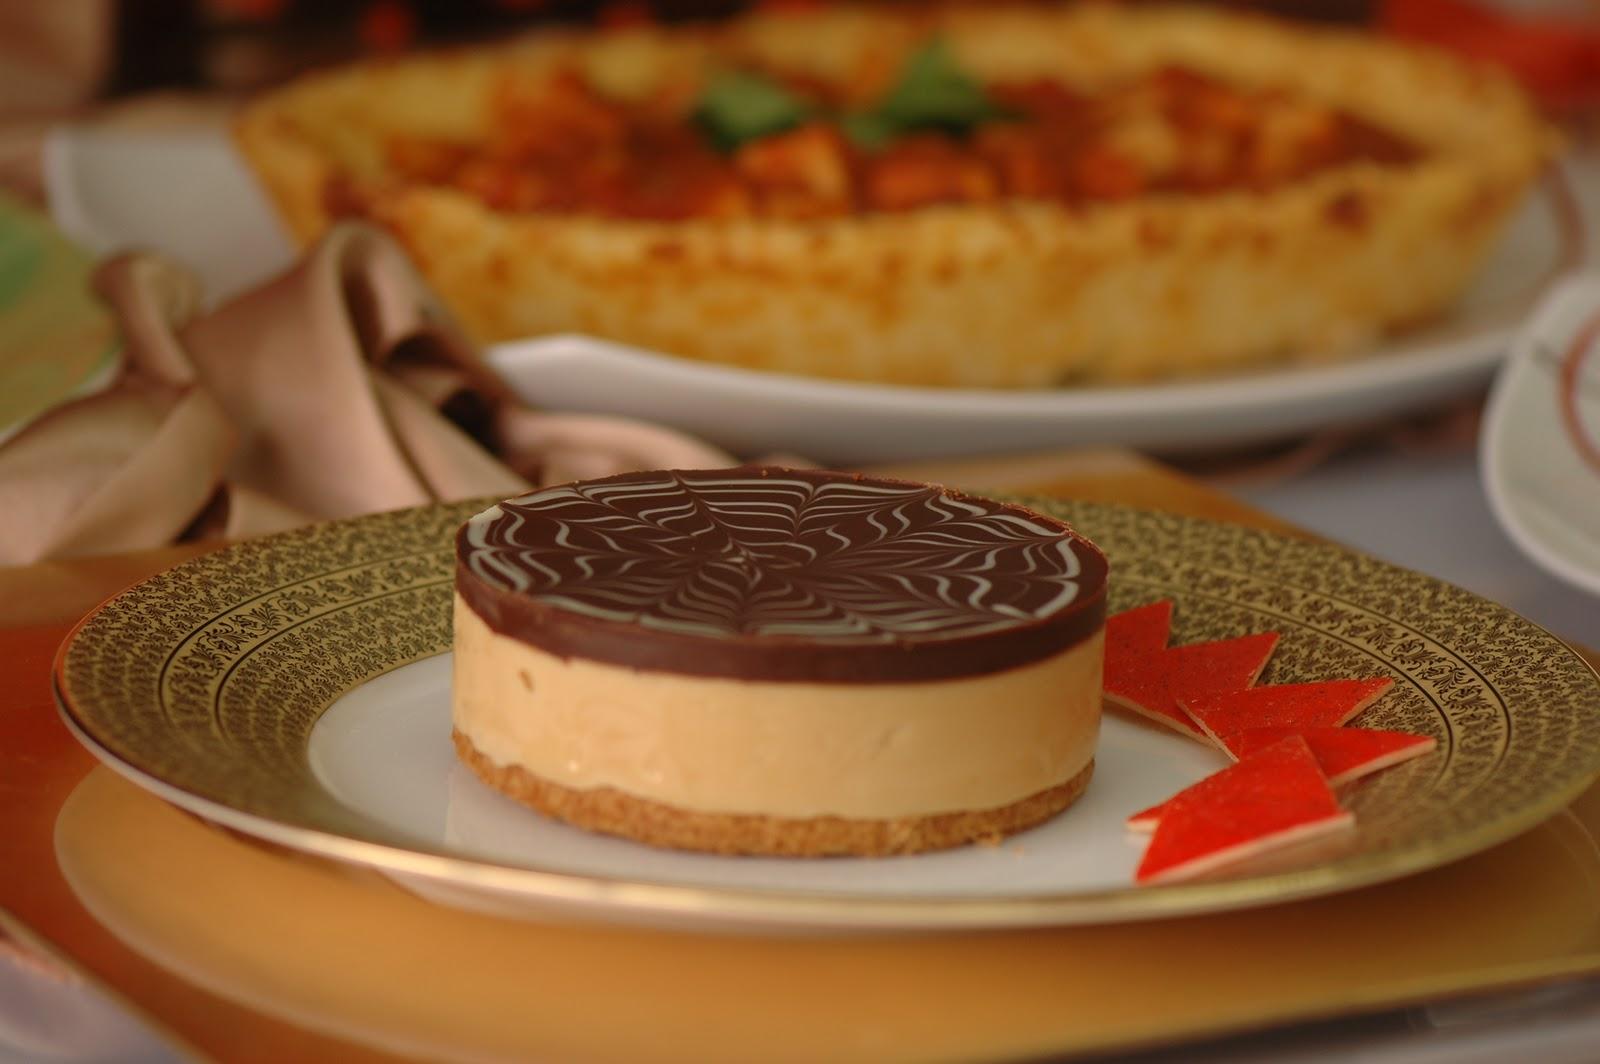 بالصور وصفات حلويات بالصور , اجمل الحلويات واشهر بلاد فى صنع الحلويات 274 3